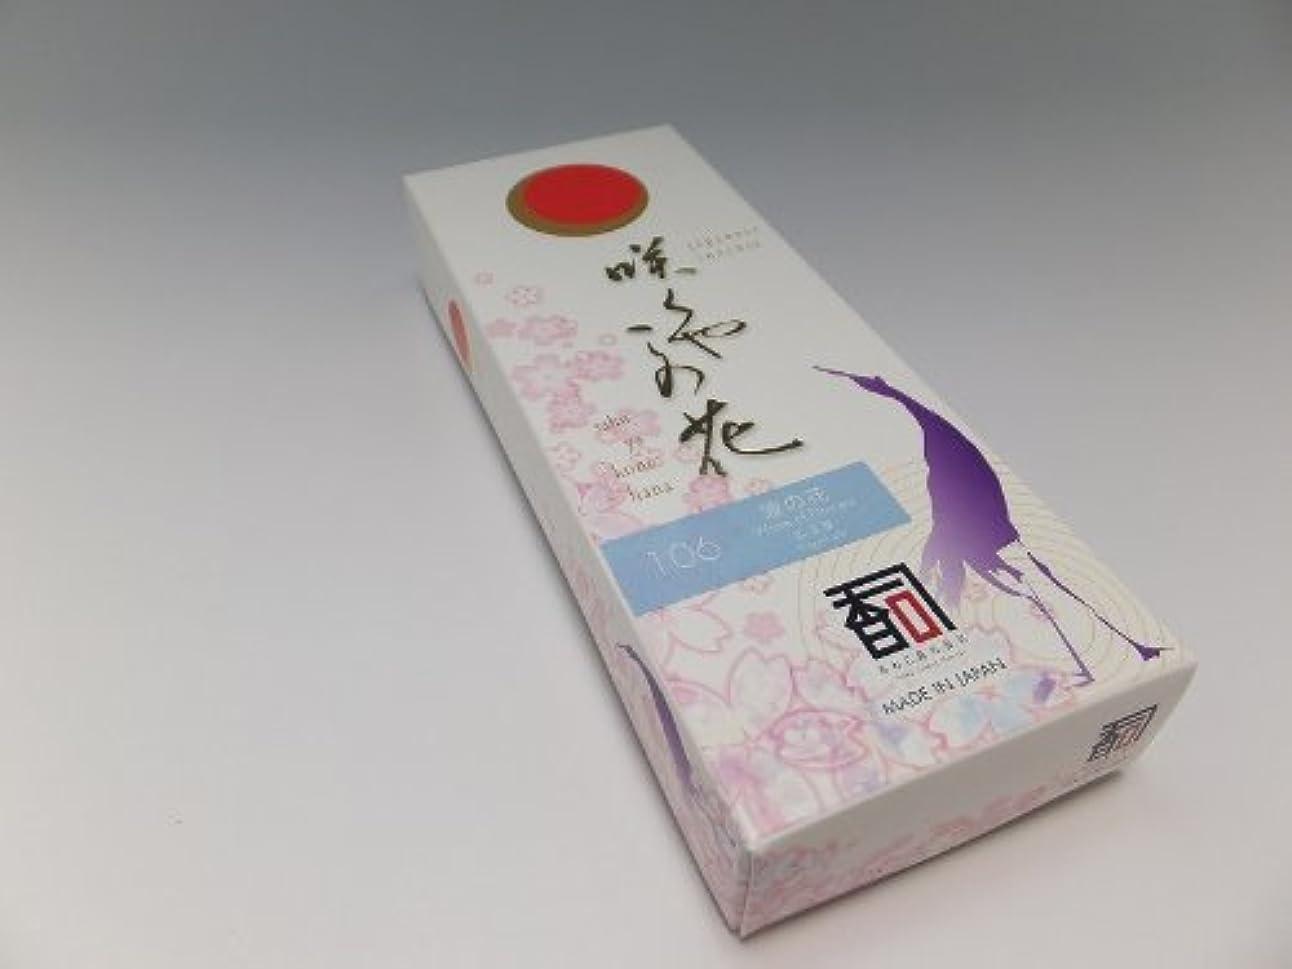 バラ色細心の宣伝「あわじ島の香司」 日本の香りシリーズ  [咲くや この花] 【106】 波の花 (煙少)